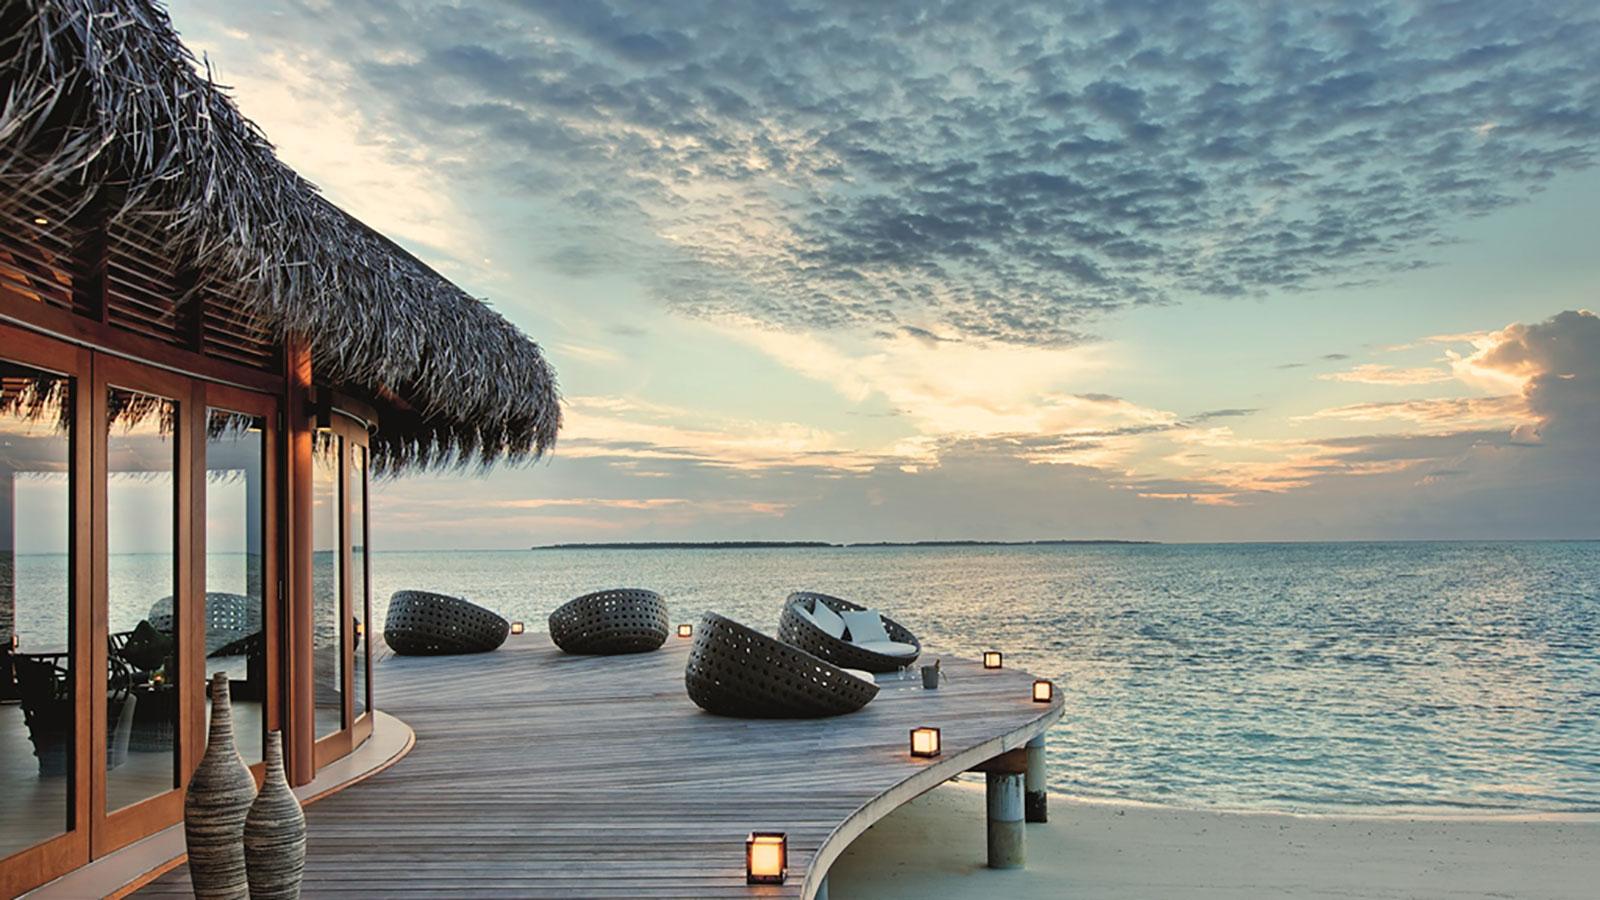 افضل الجزر لقضاء الشتاء في المالديف (4)